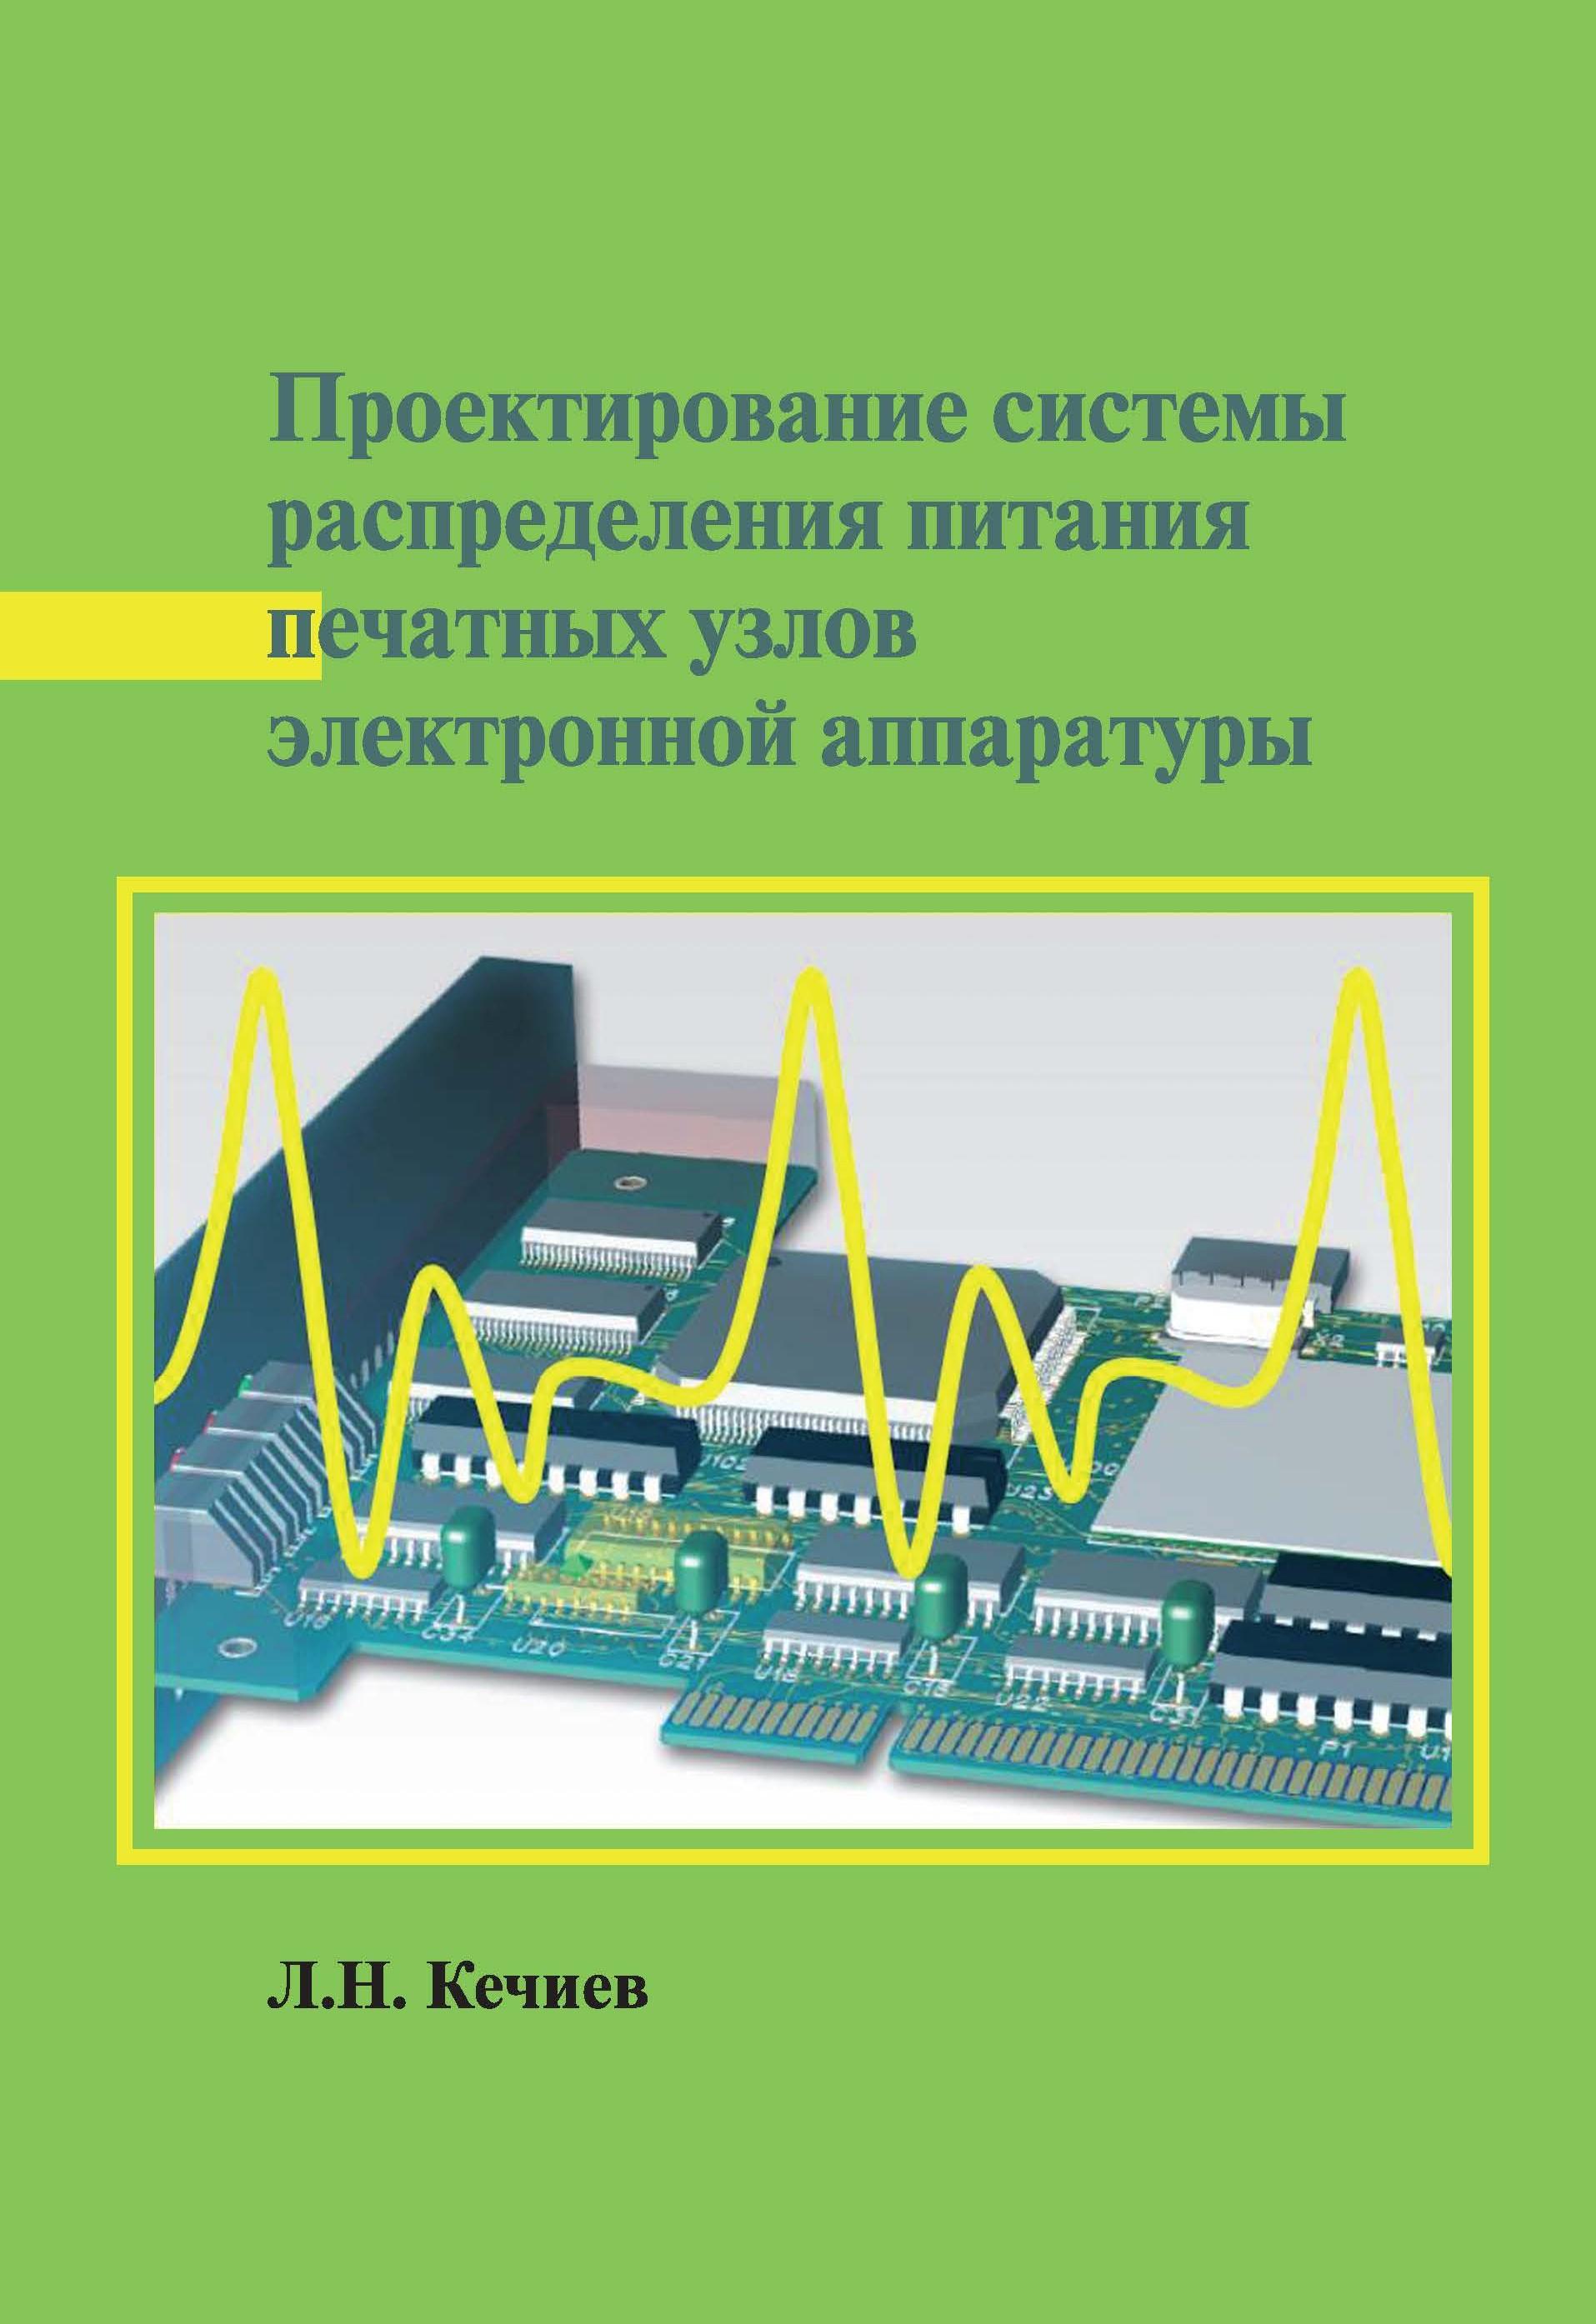 Л. Н. Кечиев Проектирование системы распределения питания печатных узлов электронной аппаратуры